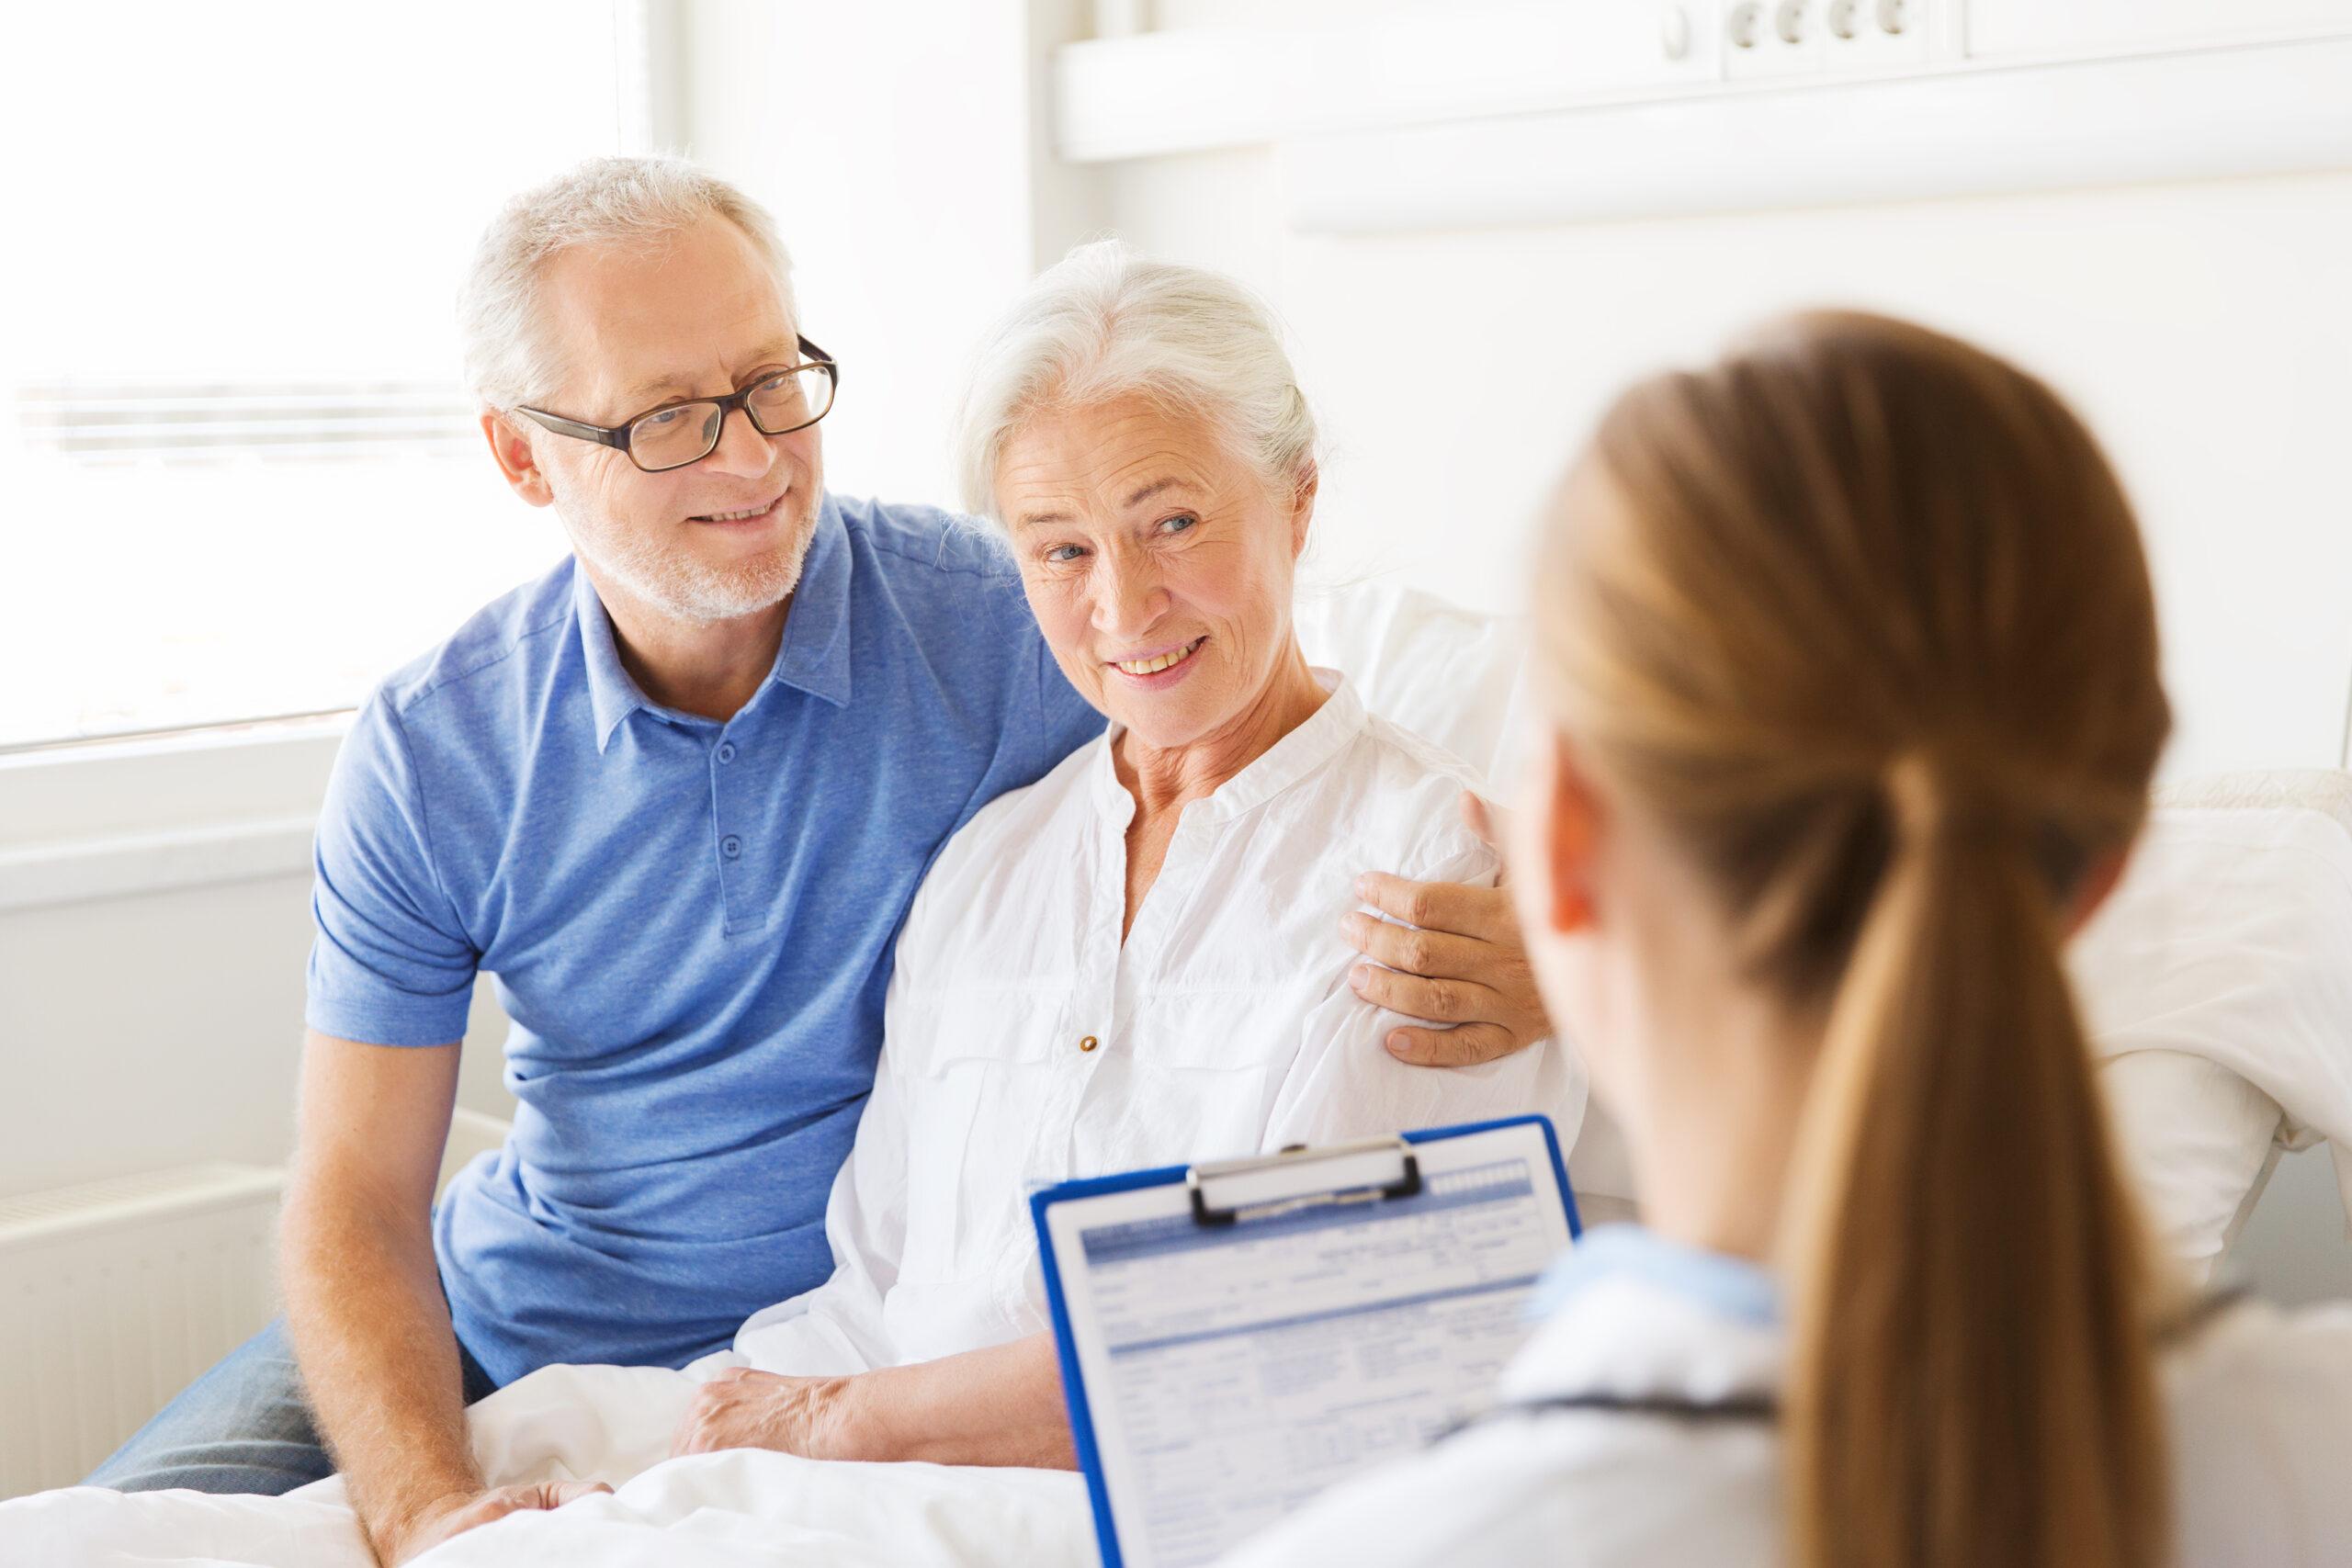 virtual-care-and-telehealth